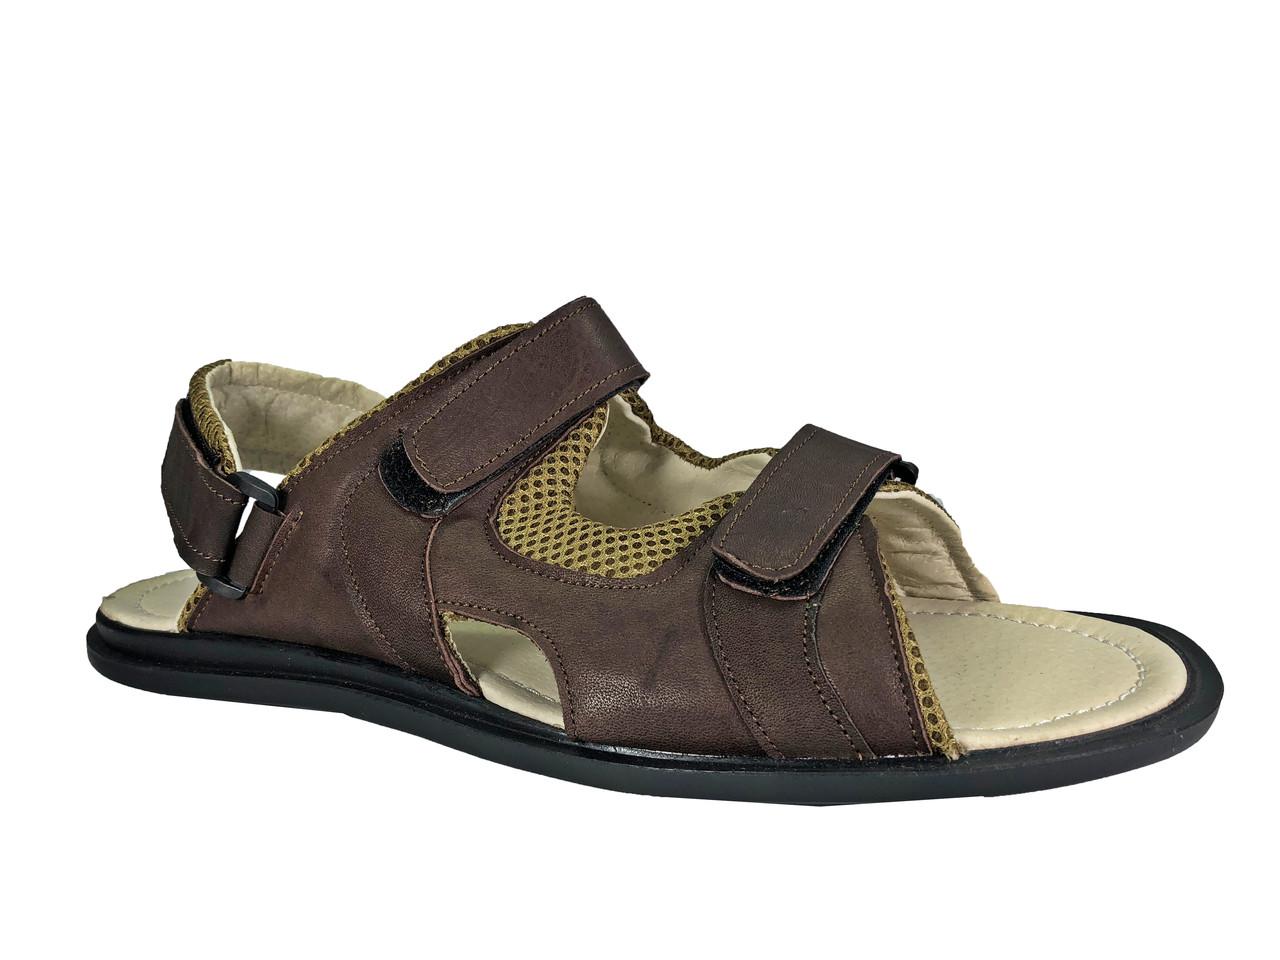 c0aae9956 Мужские летние сандалии больших 46 размеров С-11 кор -  BigBoss-производитель мужской обуви